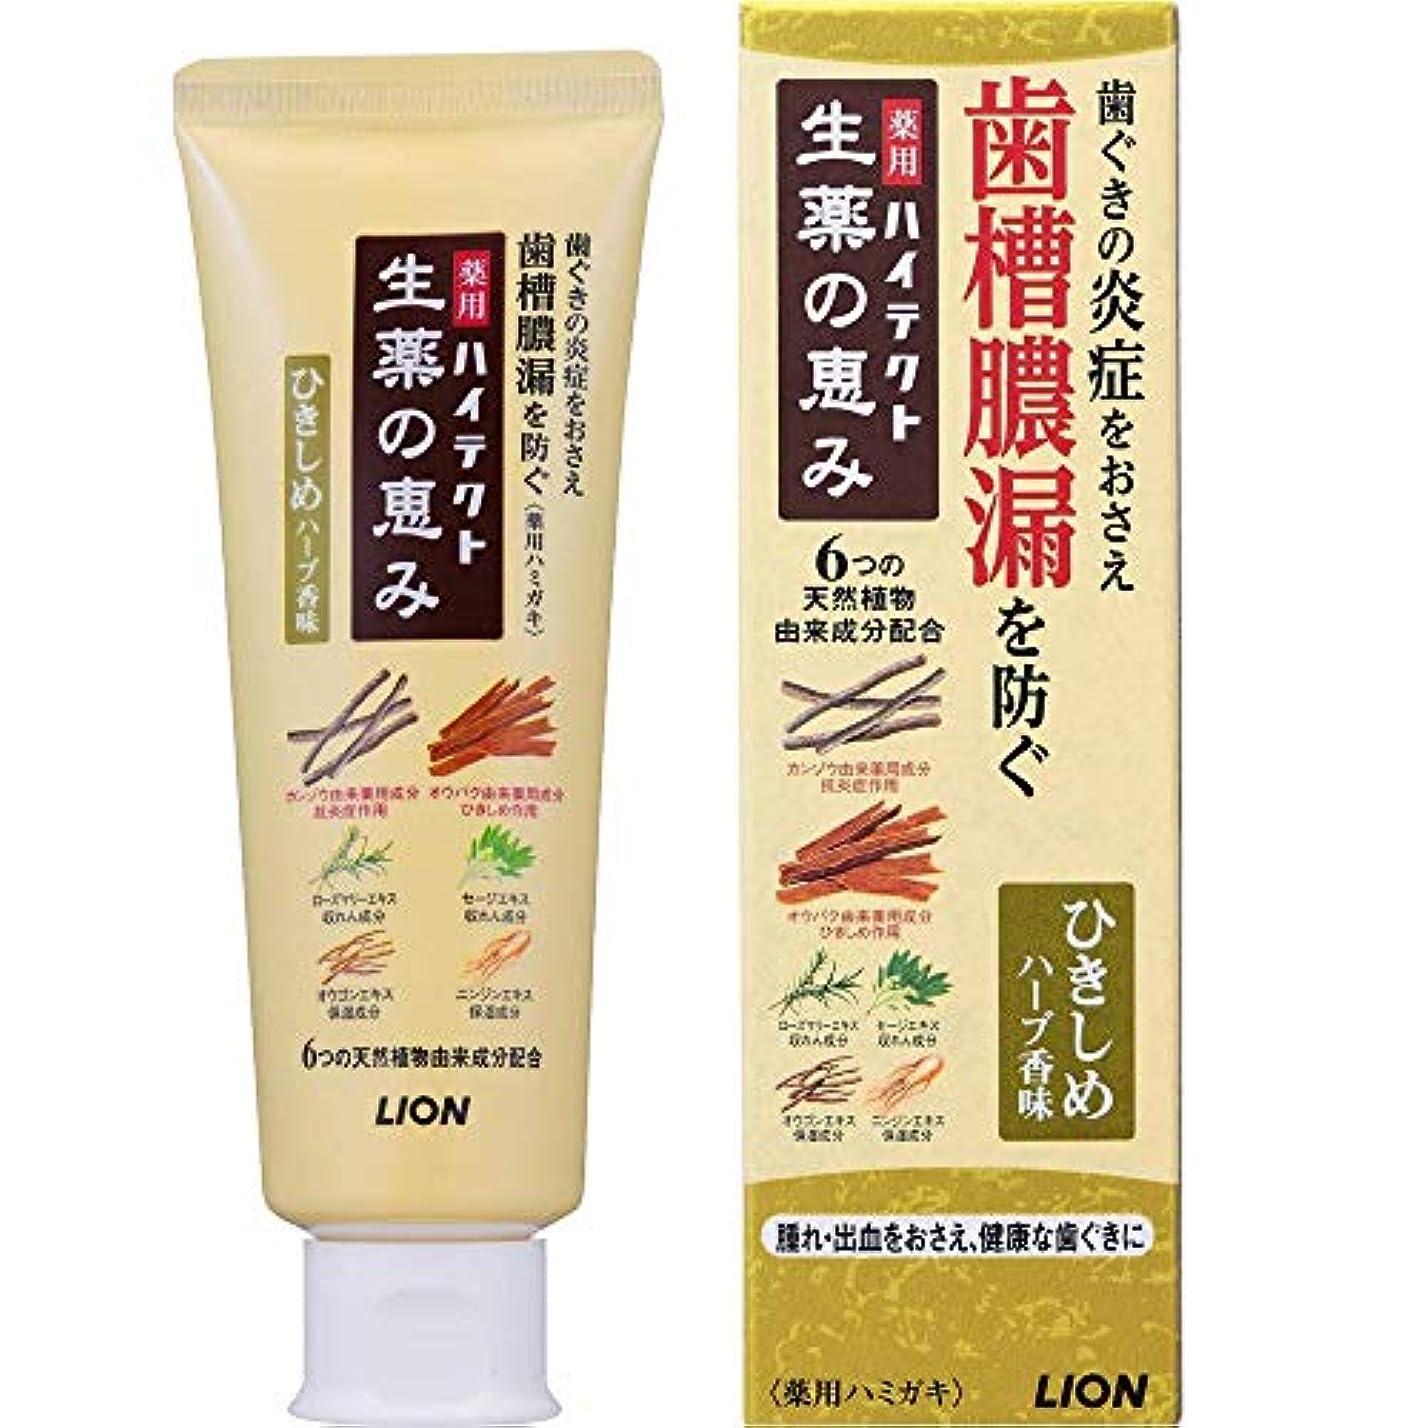 承知しましたタイトどこか薬用ハイテクト生薬の恵み ひきしめハーブ香味 90g (医薬部外品)